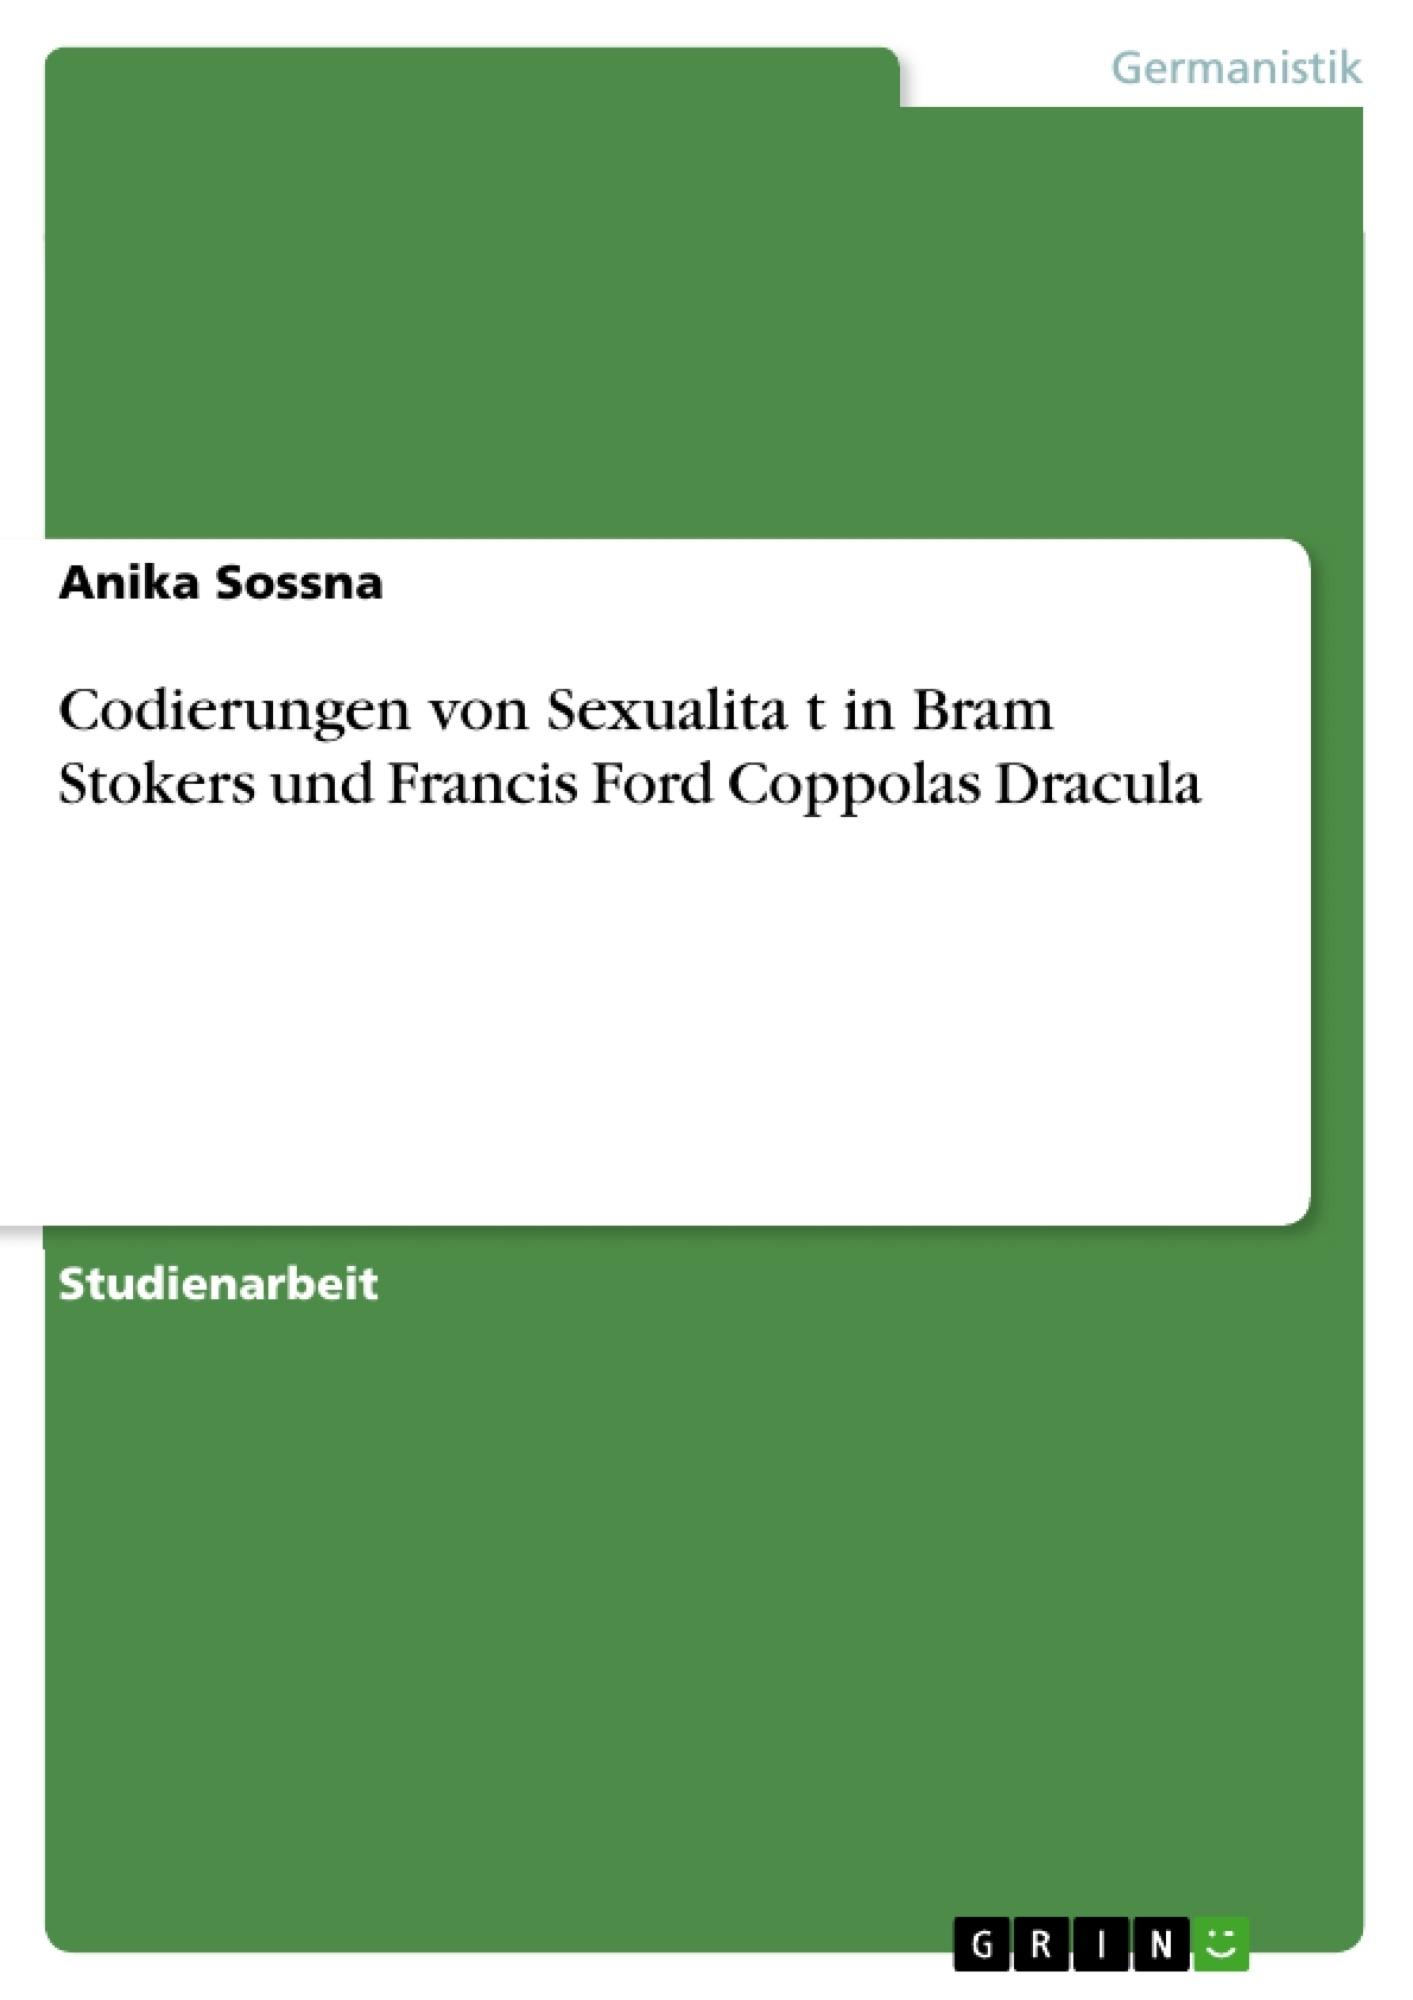 Titel: Codierungen von Sexualität in Bram Stokers und Francis Ford Coppolas Dracula